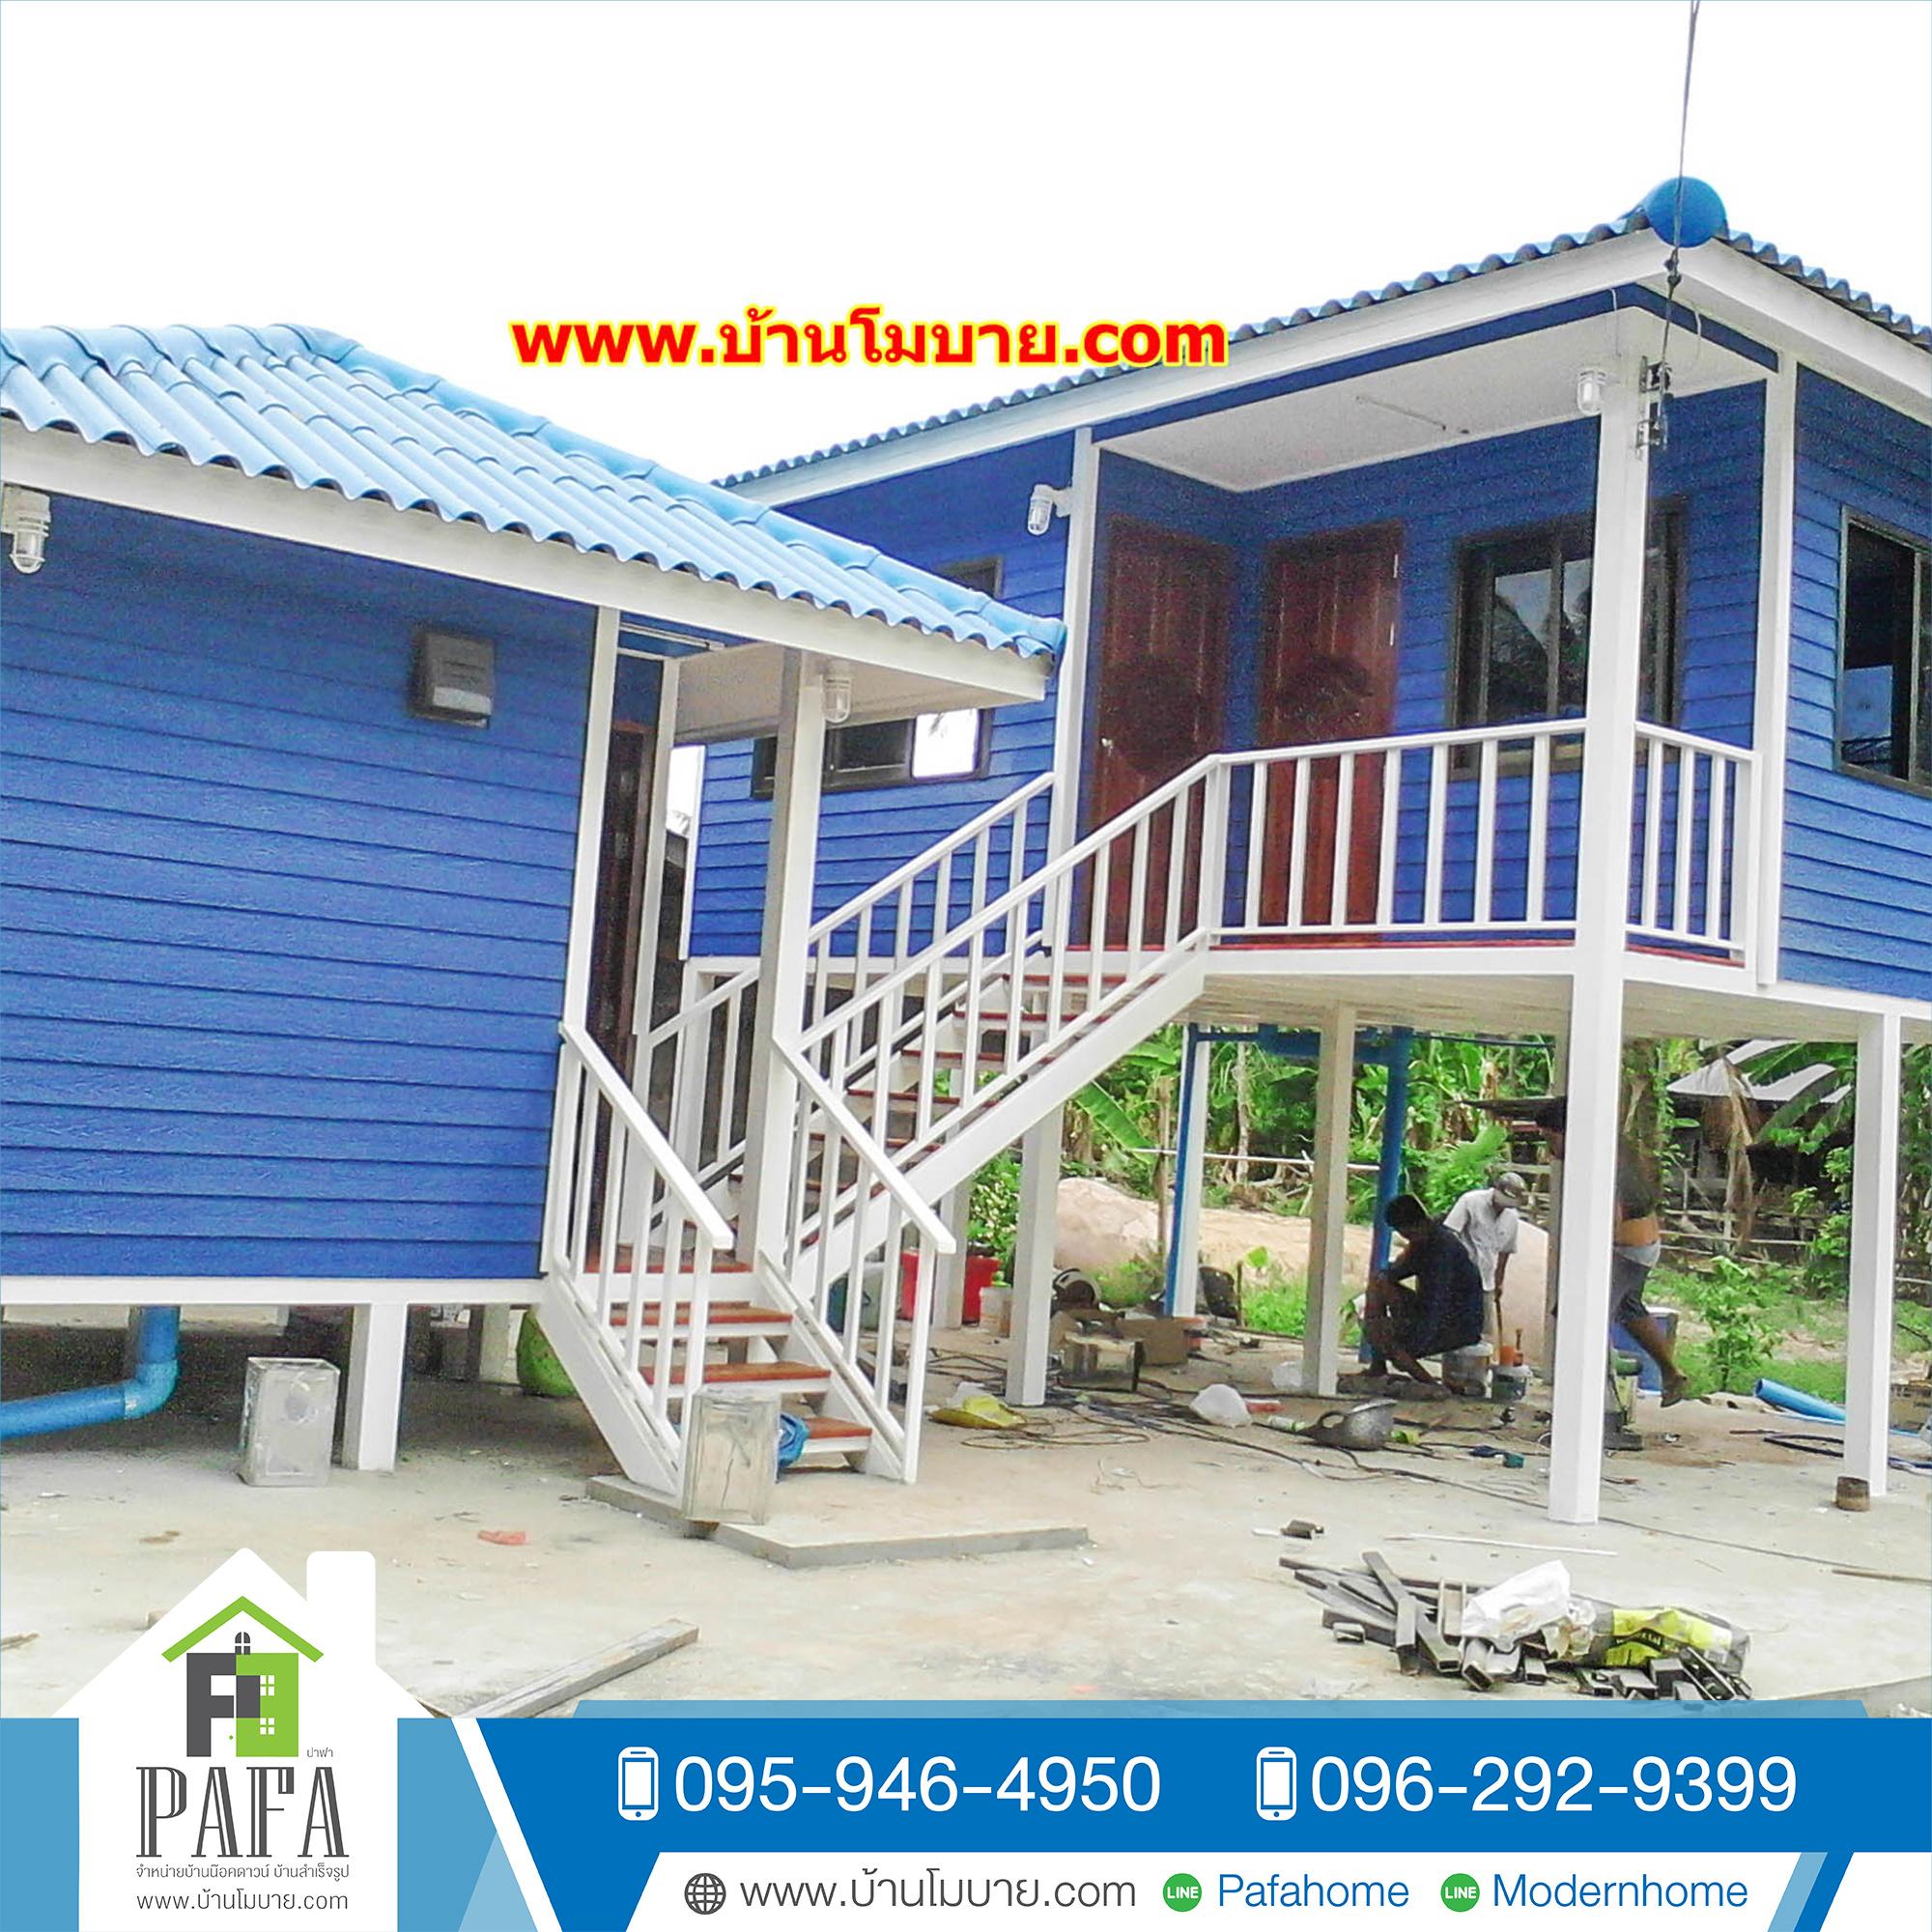 บ้านน๊อคดาวน์ ขนาด 4*6+ 3*4 2ห้องนอน 3ห้องน้ำ 1ห้องนั่งเล่น ราคา 495,000 บาทครับ